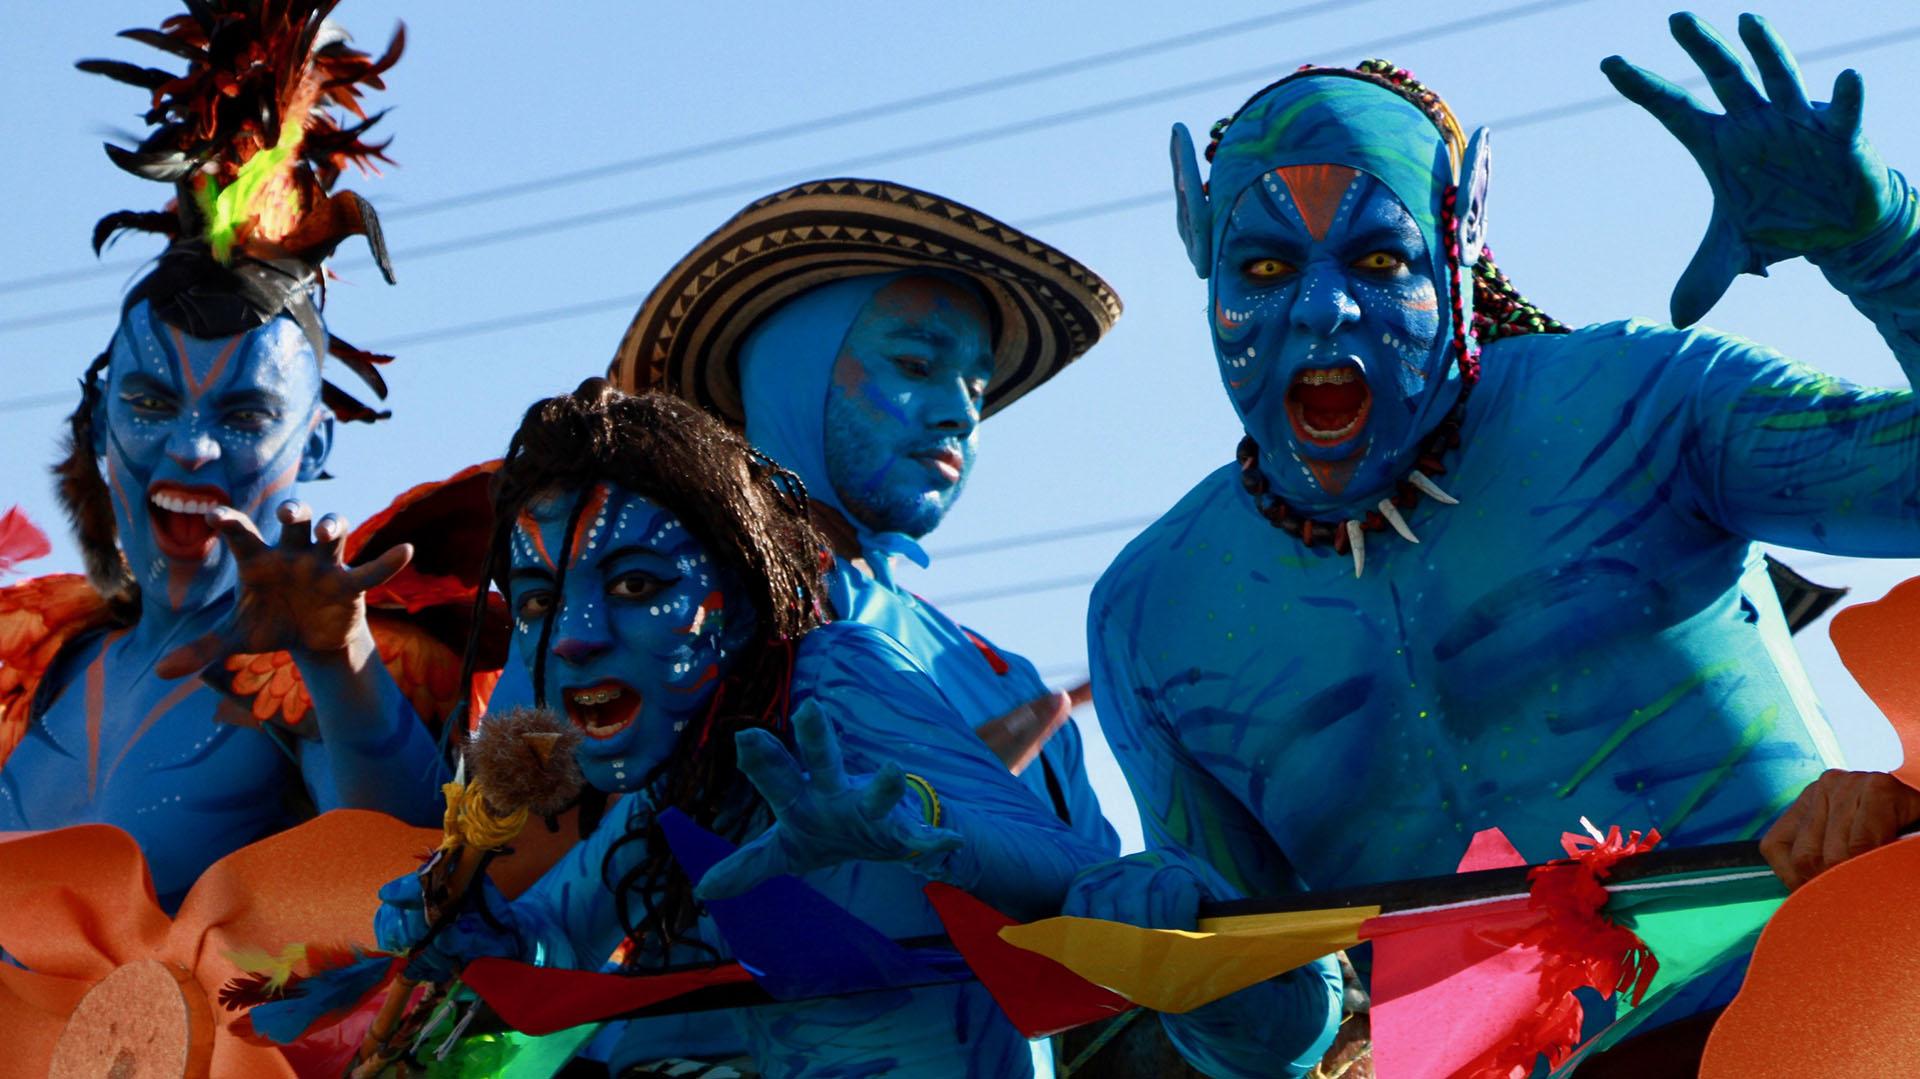 Los personajes de Avatar, de James Cameron, también recorrieron la Vía 40